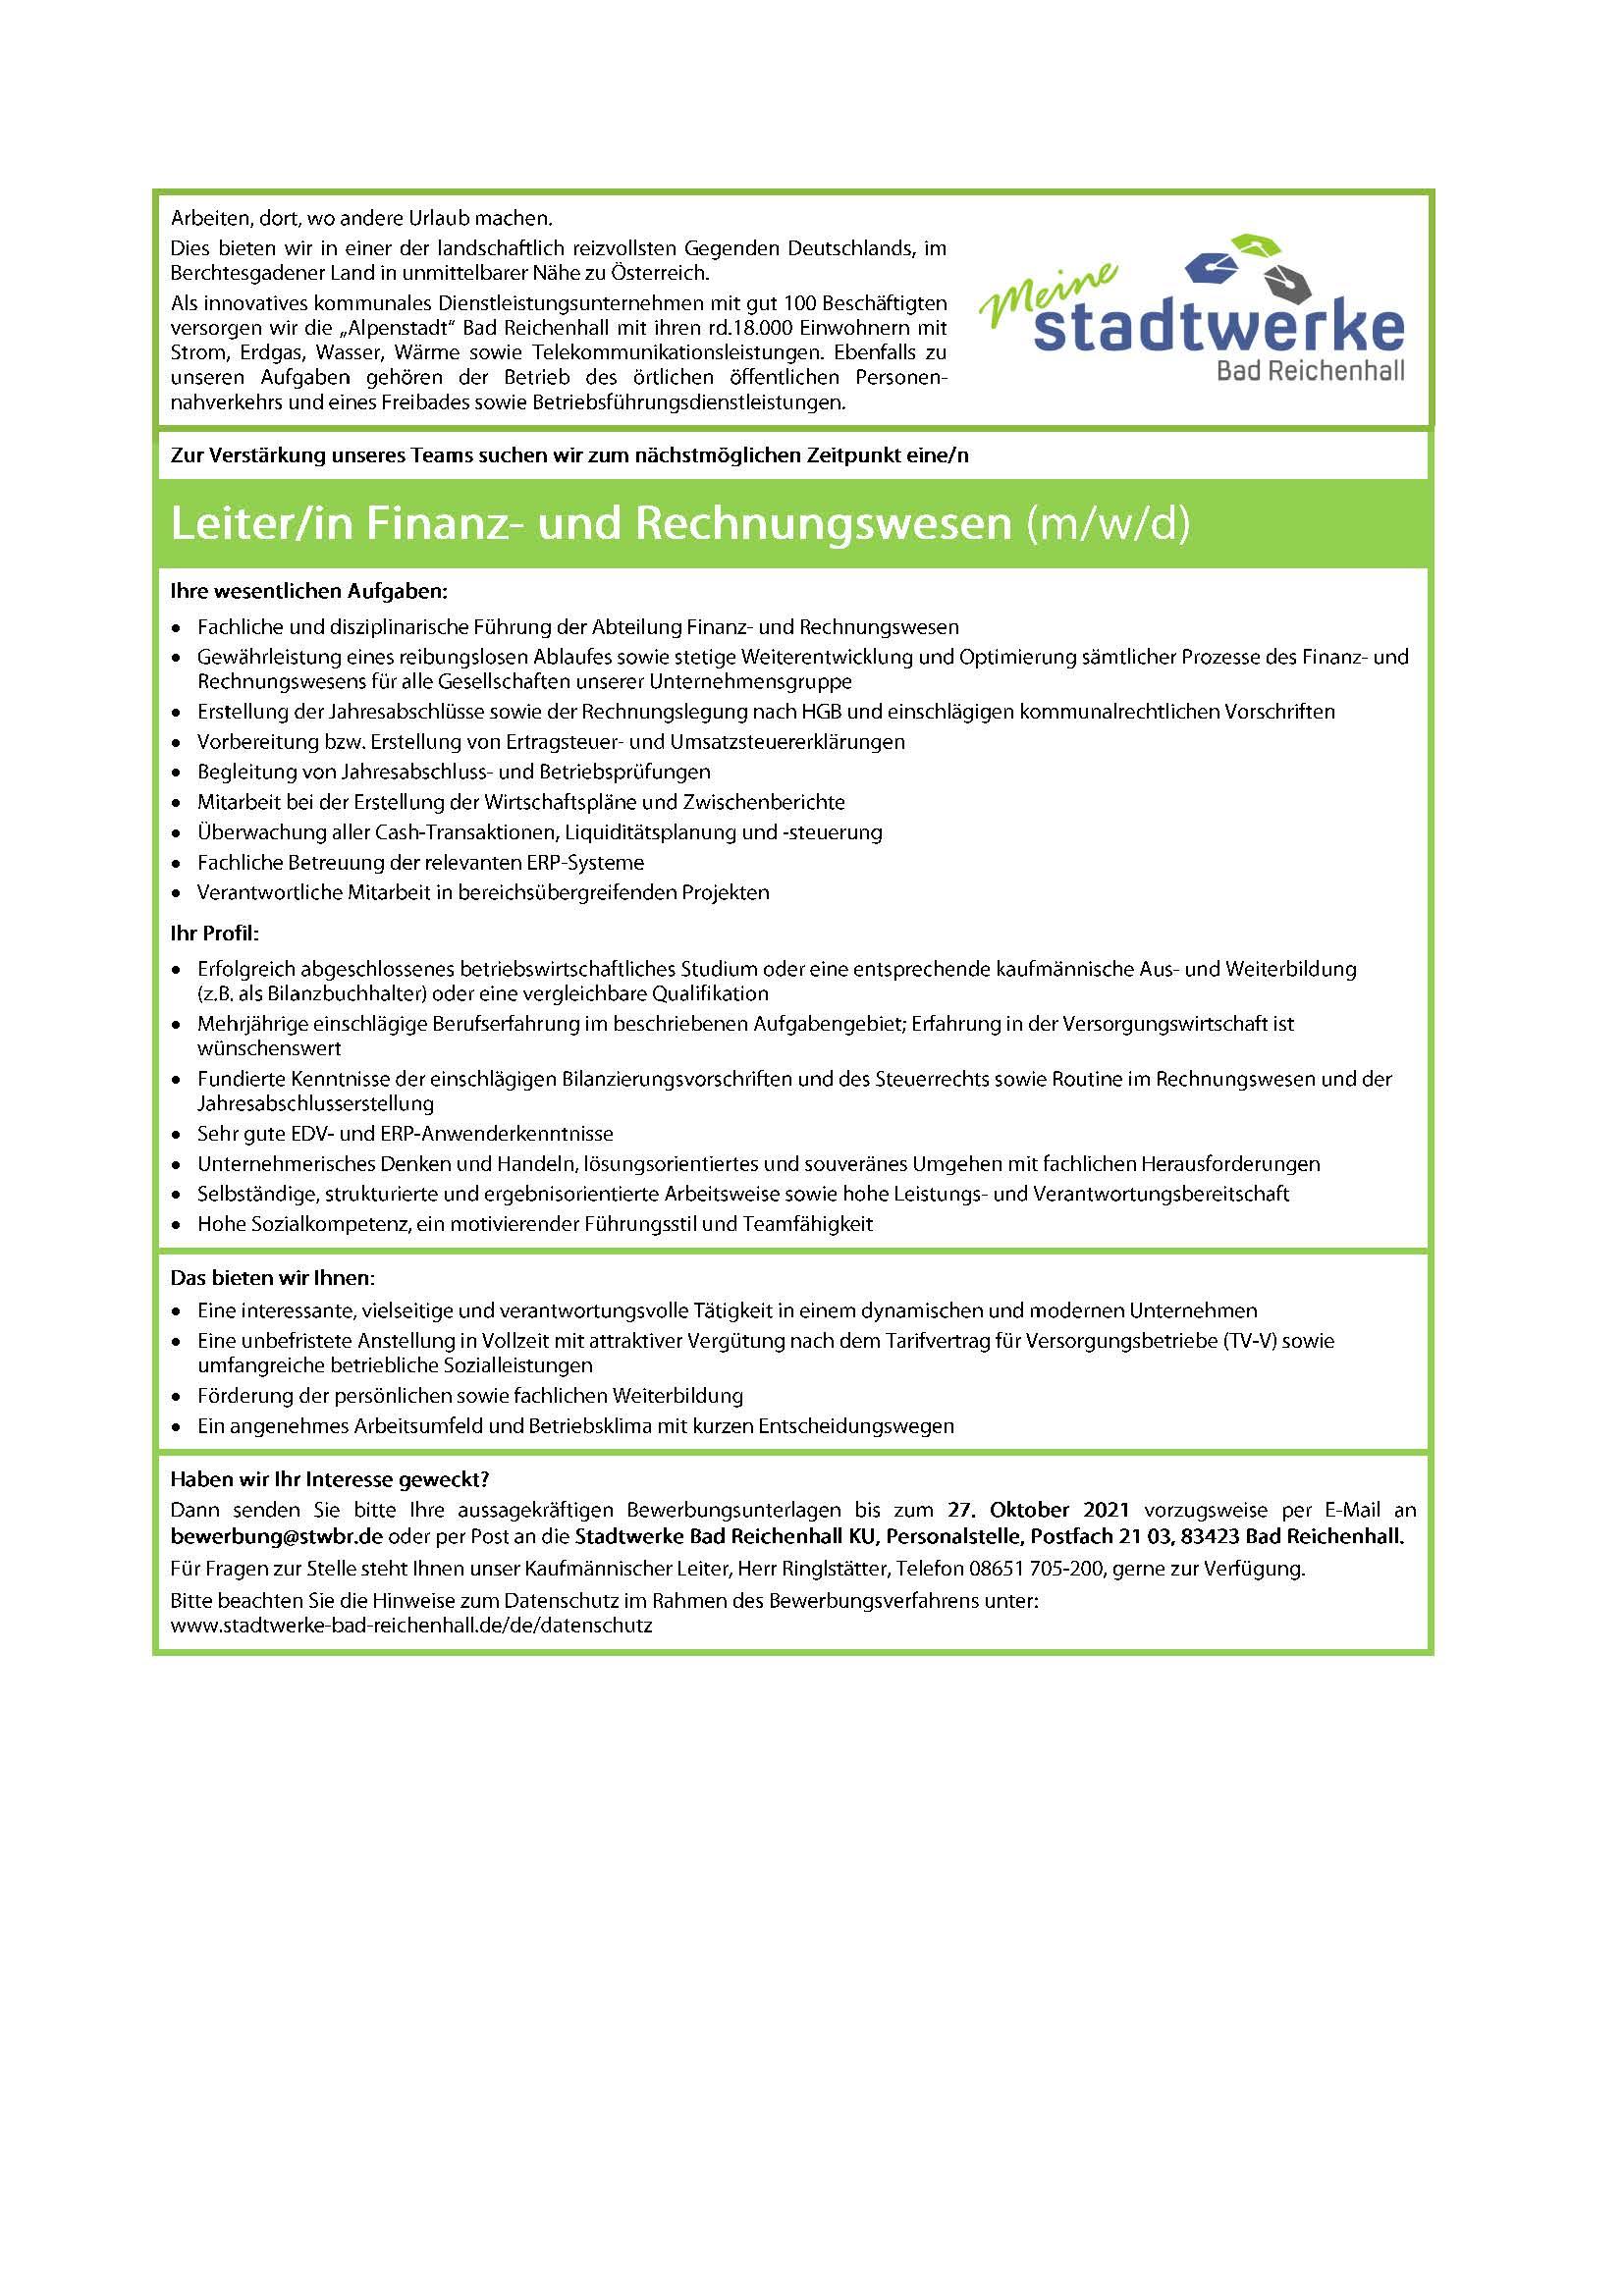 Leiter/in Finanz- und Rechnungswesen (m/w/d)